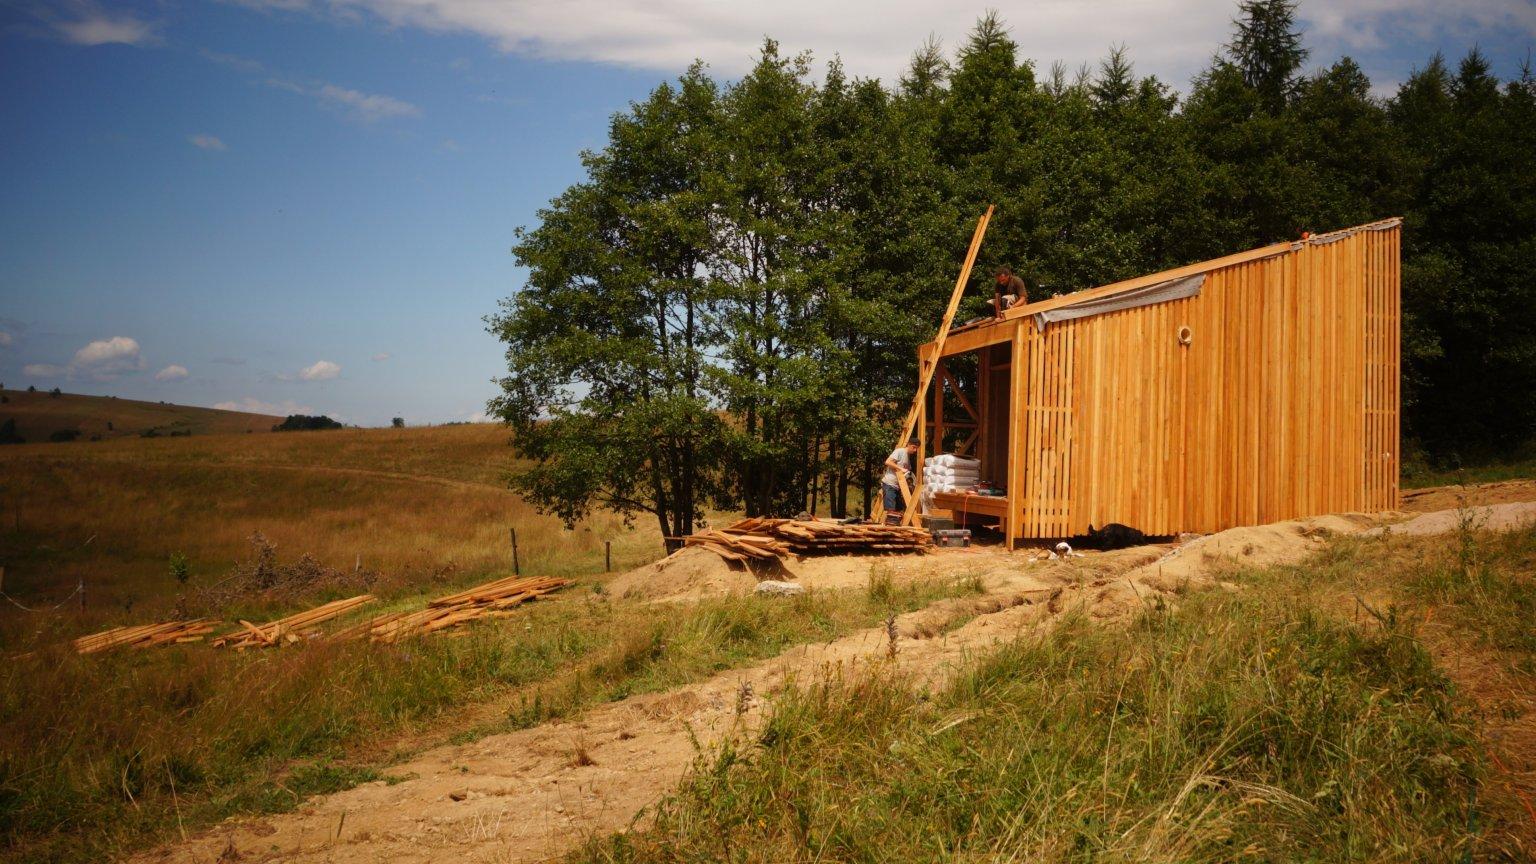 Kto zamieszka w glinianym domu we wsi Potoczek?